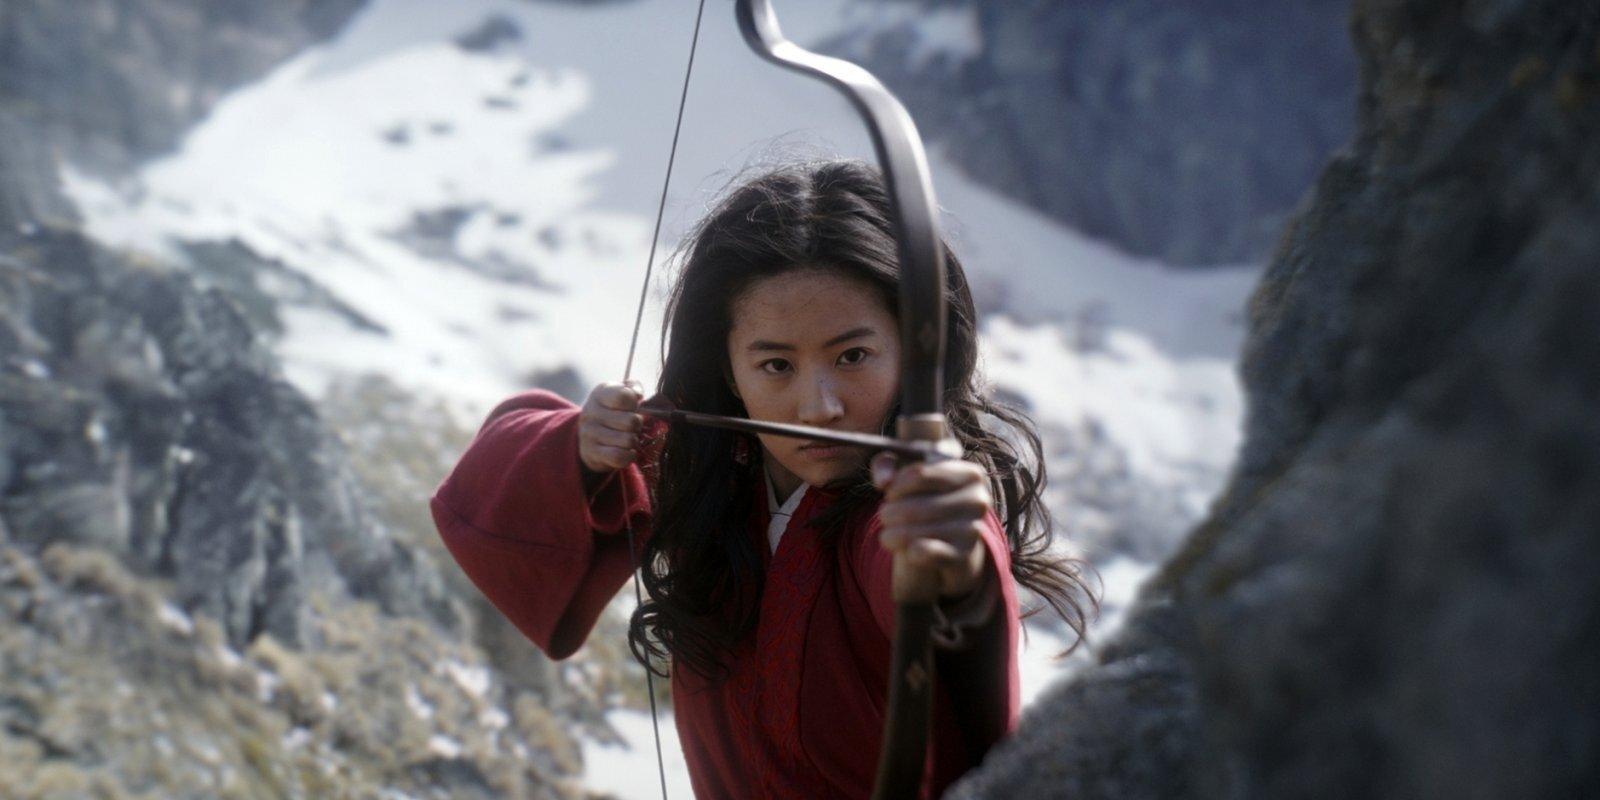 Siņdzjanā filmēto skatu dēļ aicina boikotēt 'Mulanu'